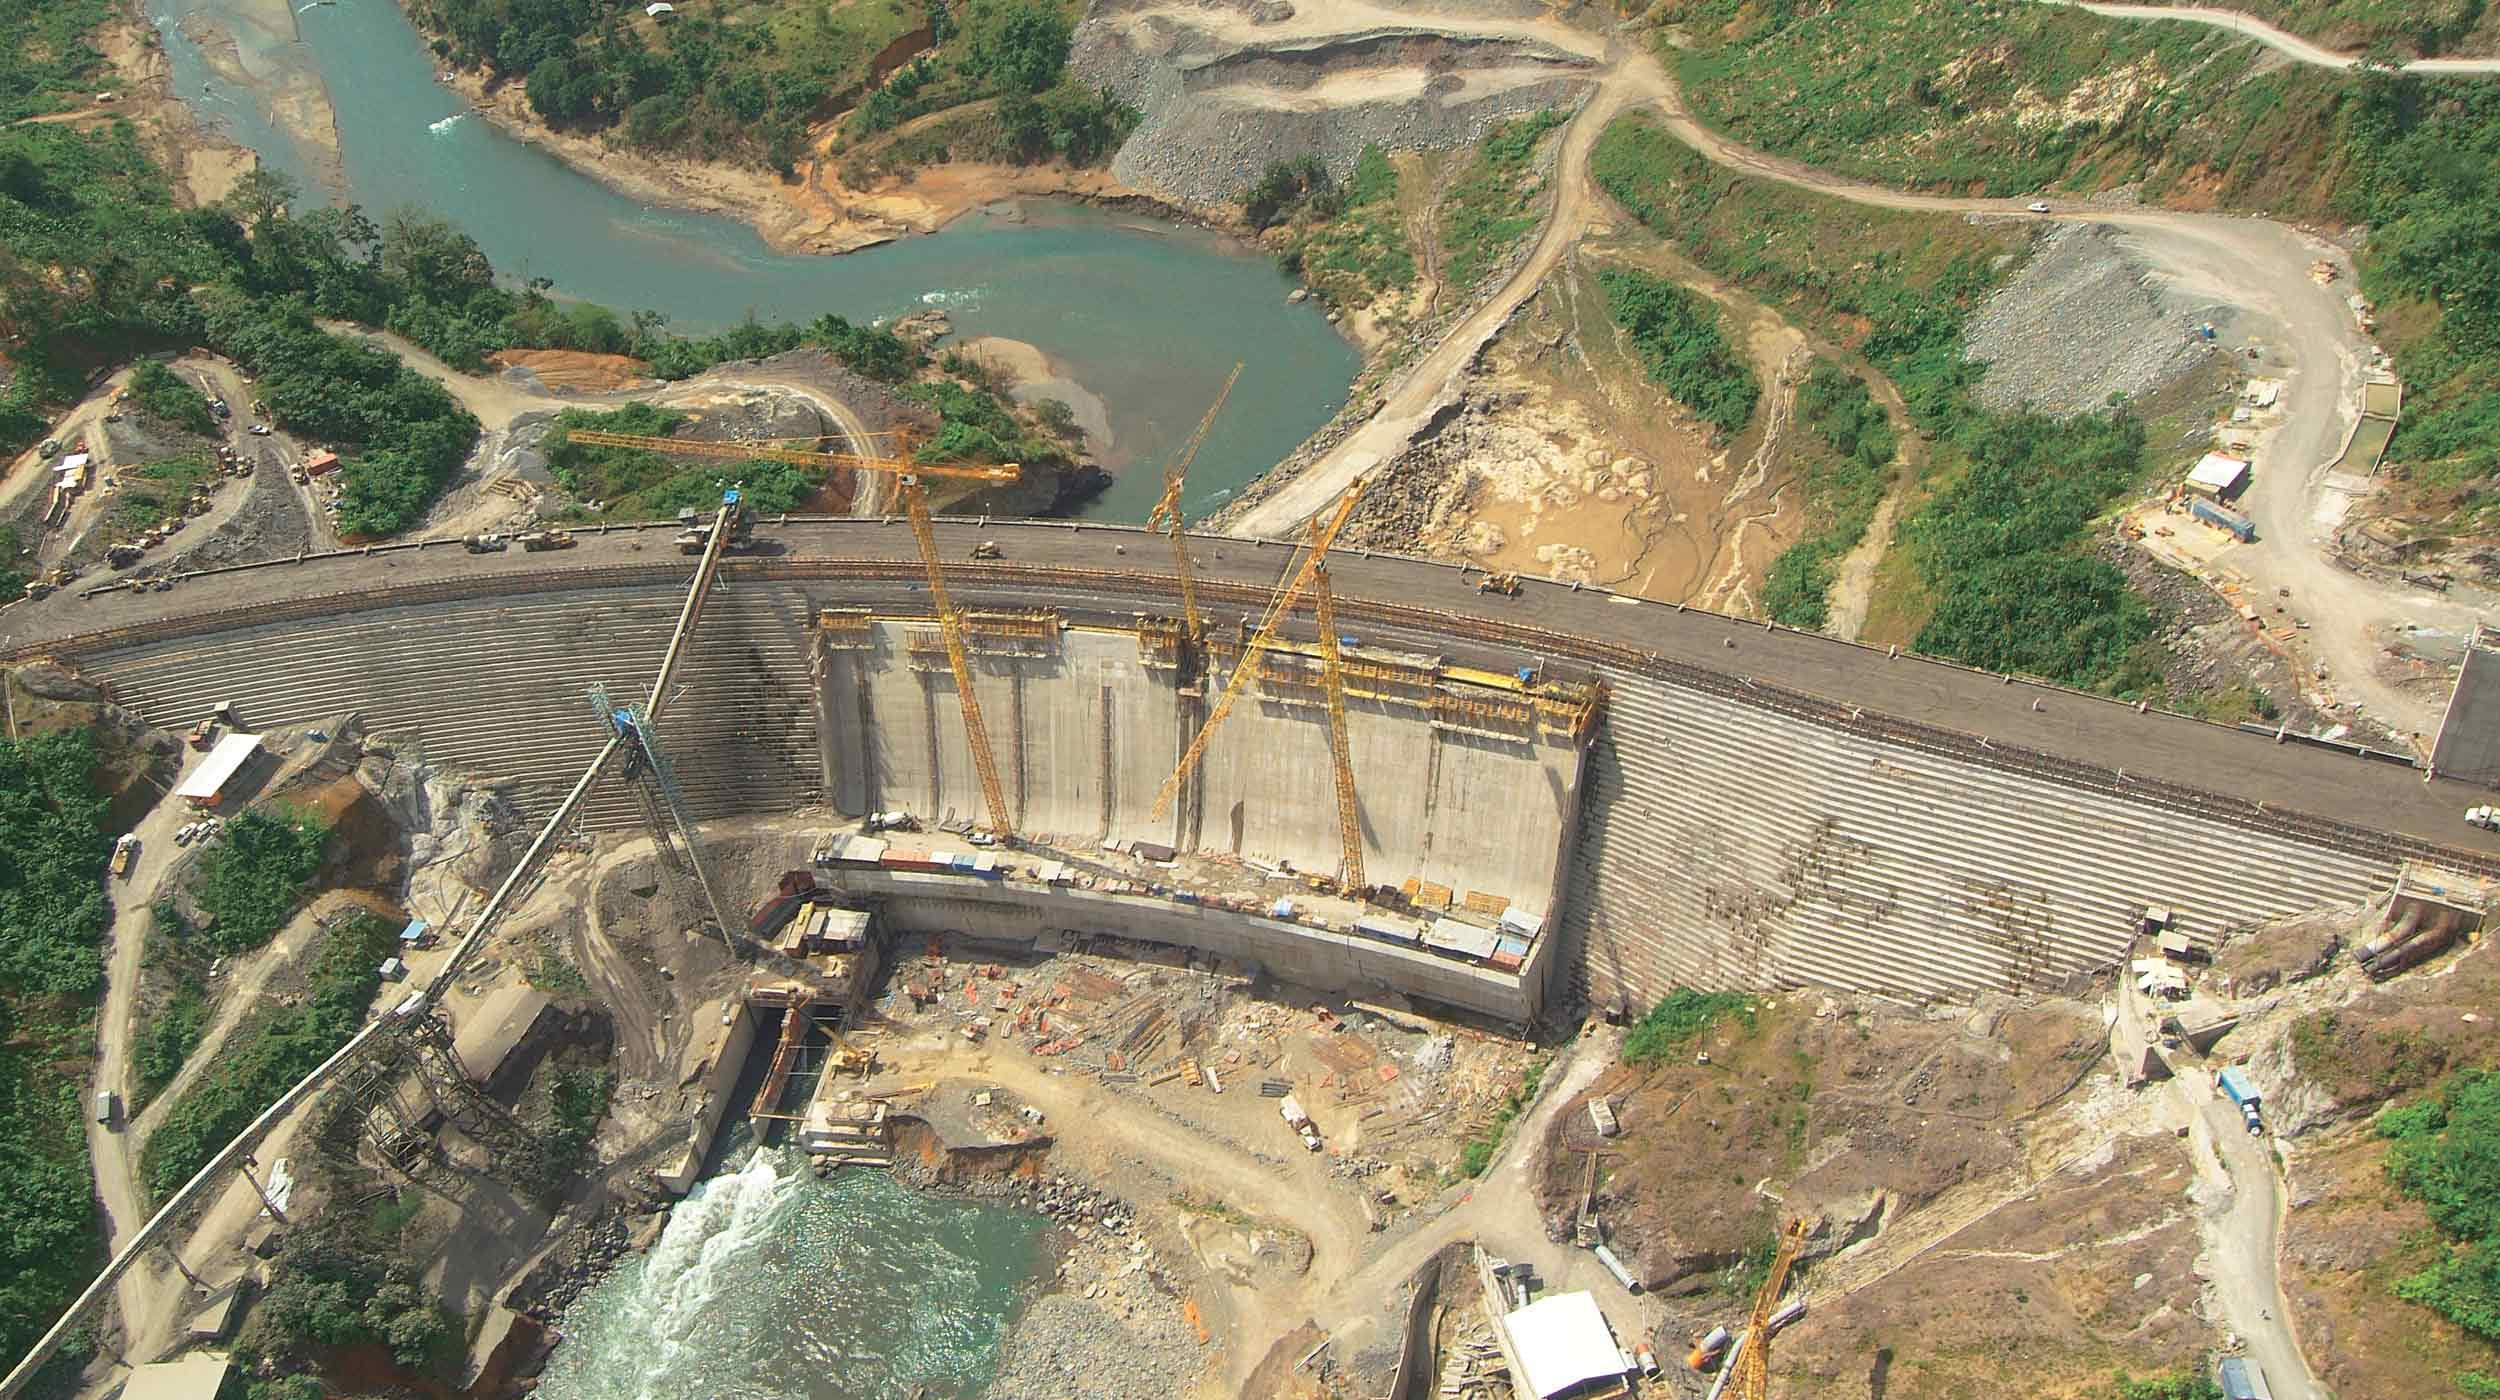 Esta gran obra, ubicada en la provincia panameña de Bocas del Toro, contempla en su fase principal la presa del futuro embalse en el río Changuinola.